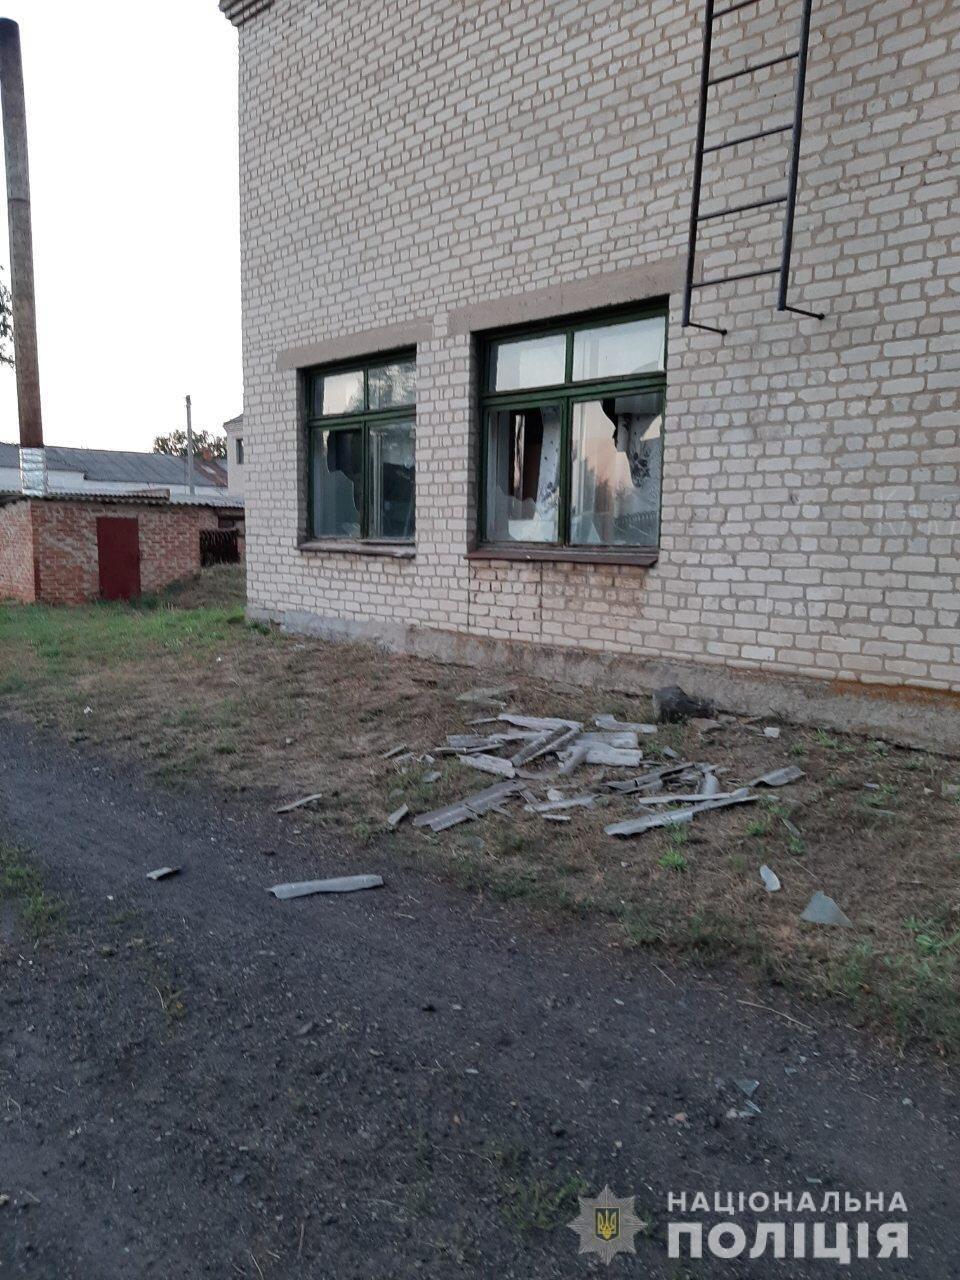 Пьяный харьковчанин разбил окна школы и угрожал учителям расправой, - ФОТО, фото-2